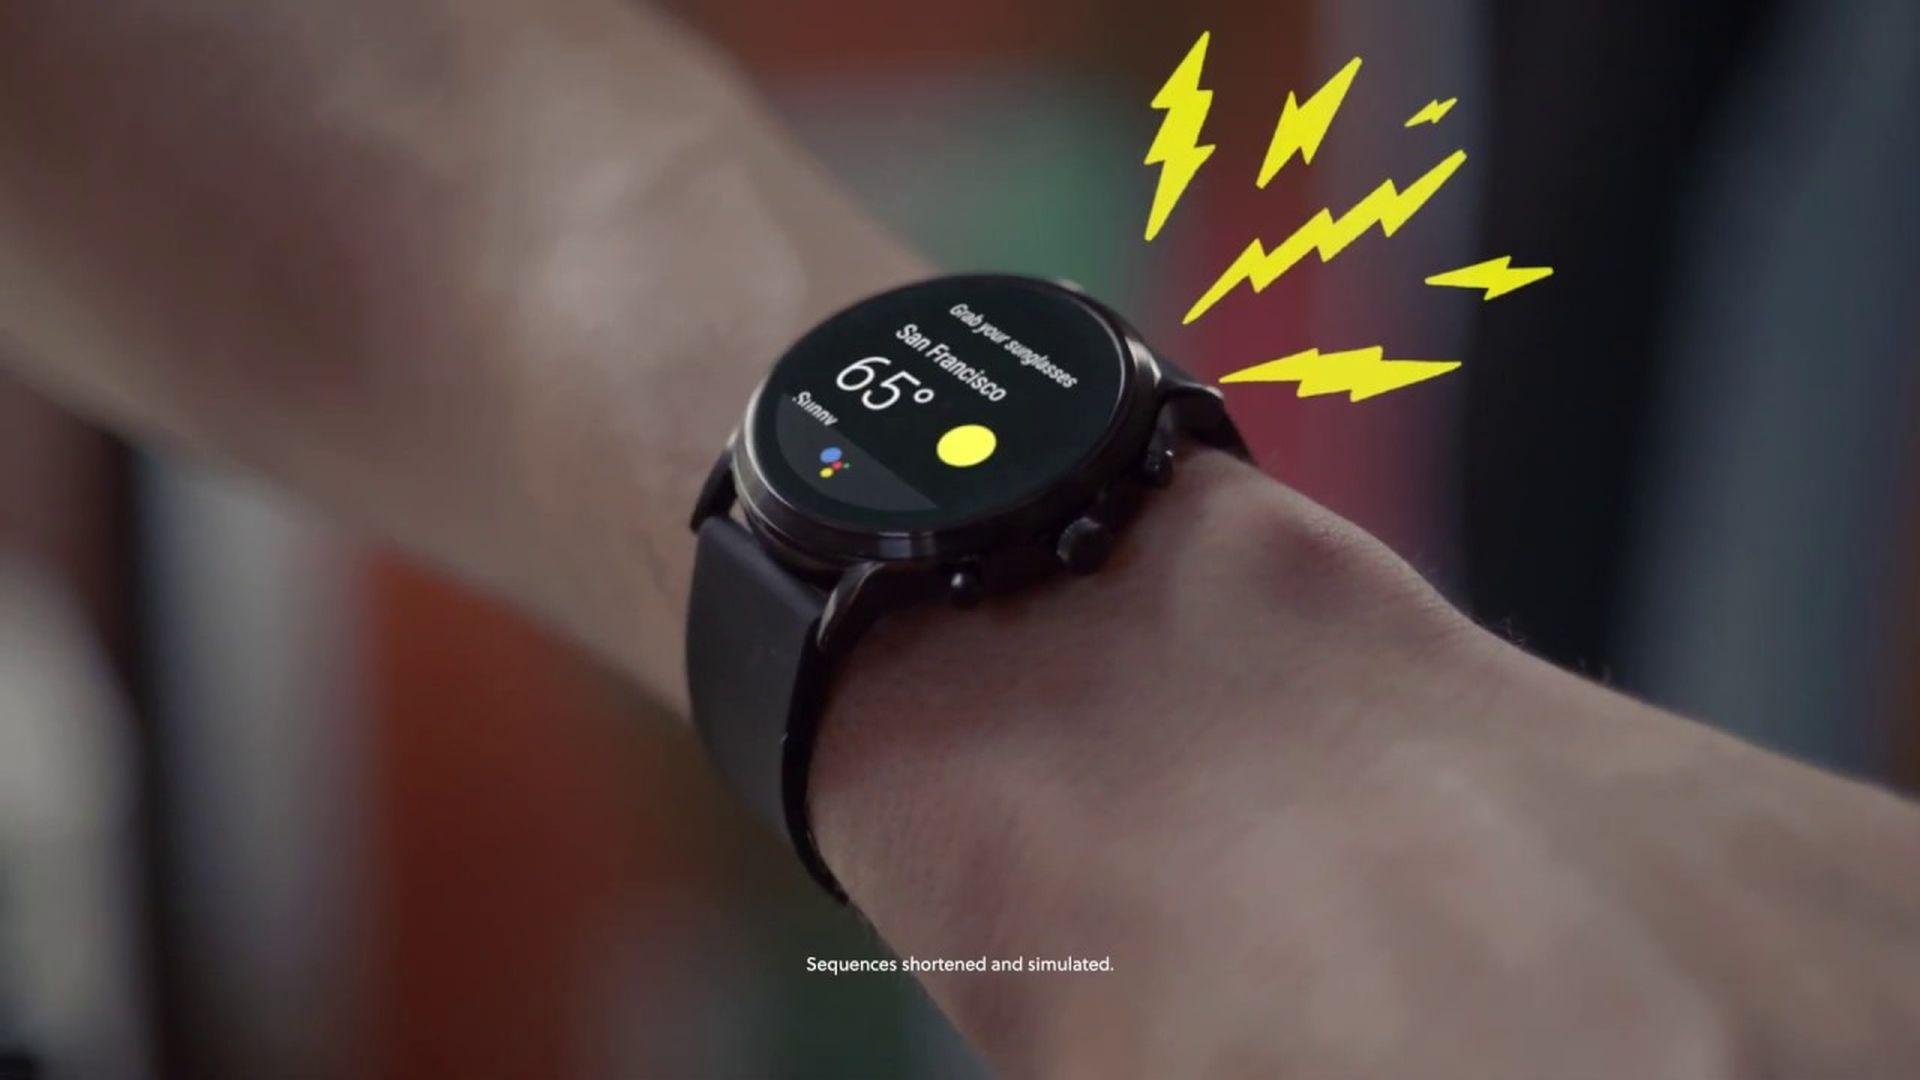 Nowe smartwatche Fossil z rozmowami z zegarka jak w Apple Watchu